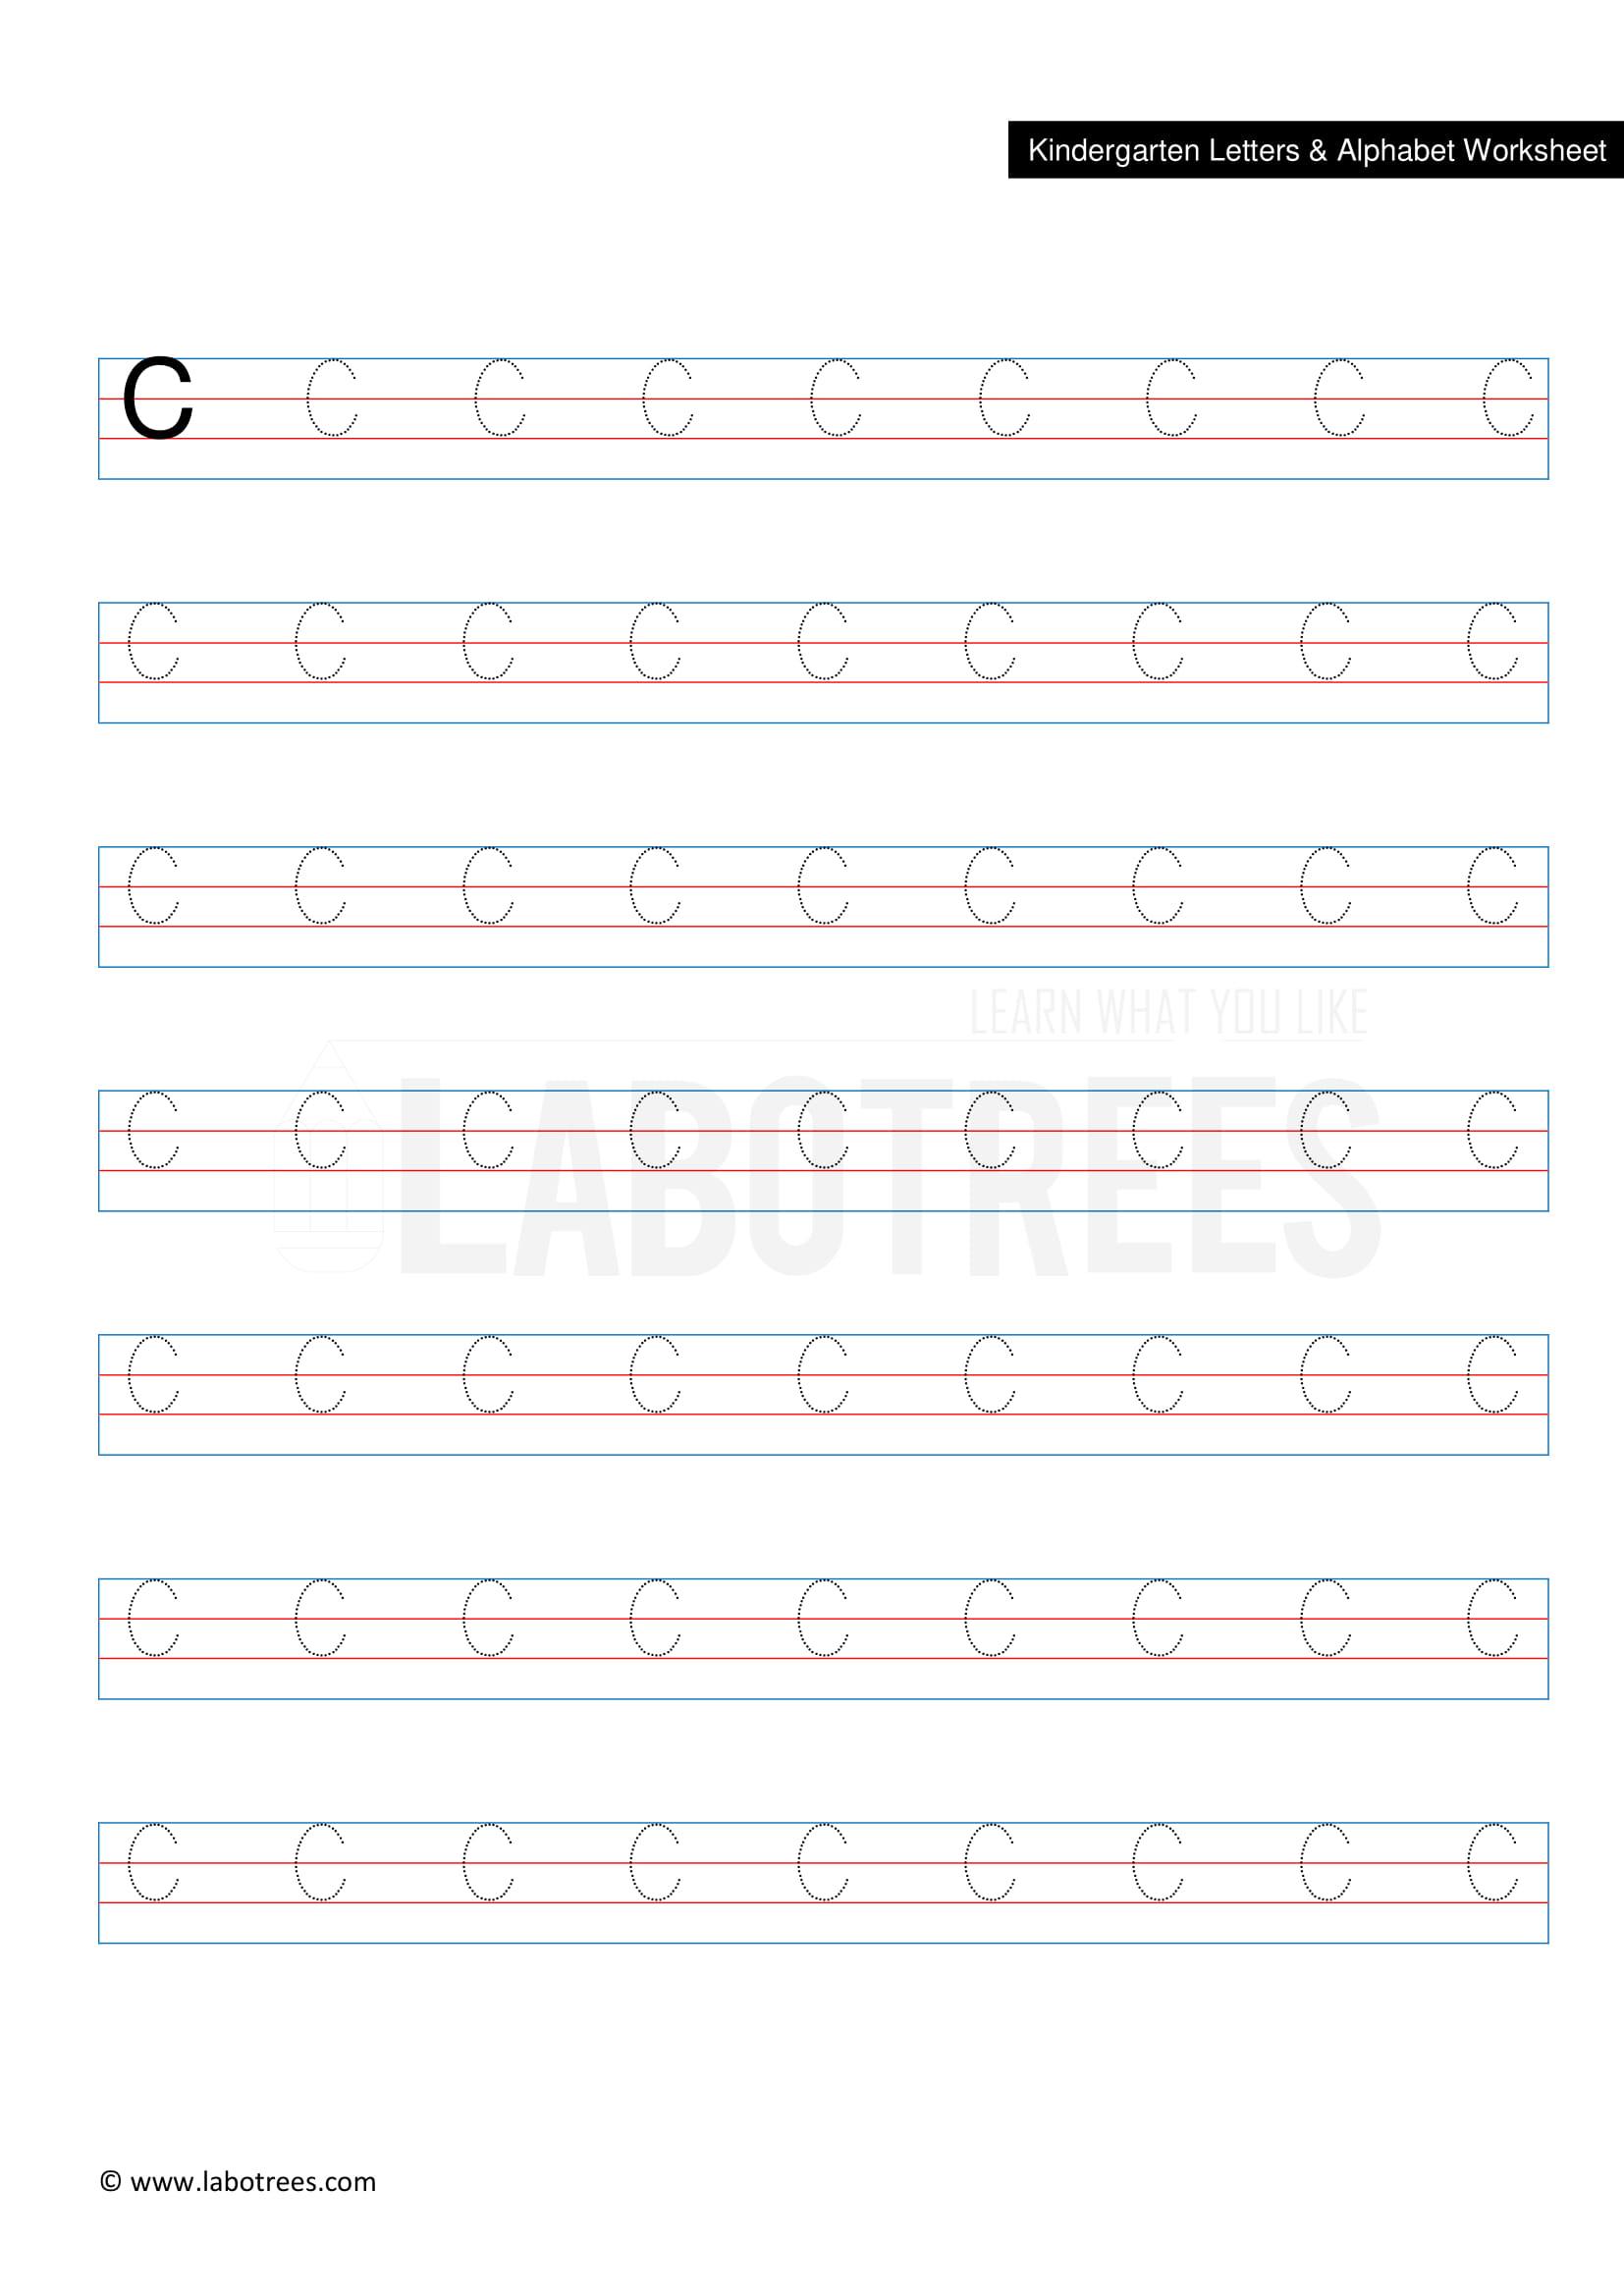 Worksheet Of Letter C Uppercase Free Download